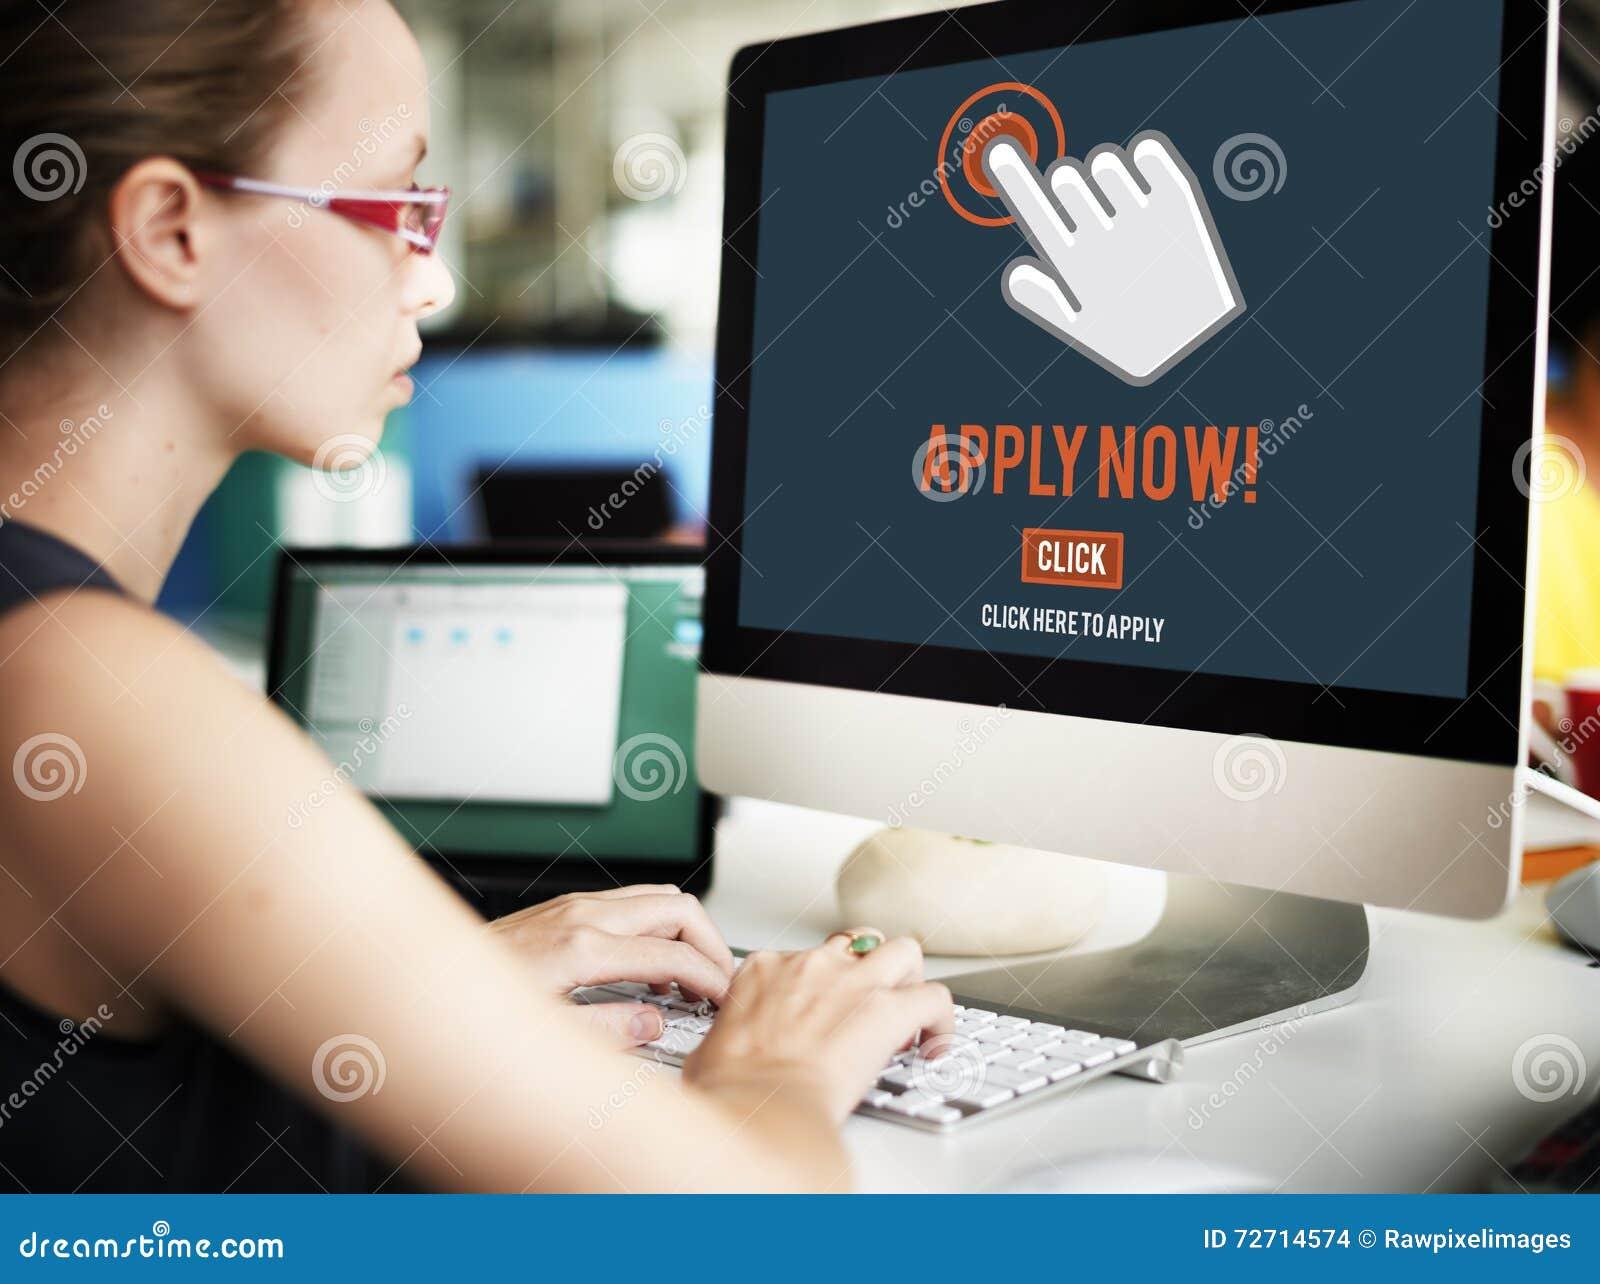 Aplique agora o conceito do emprego dos recursos humanos da aplicação